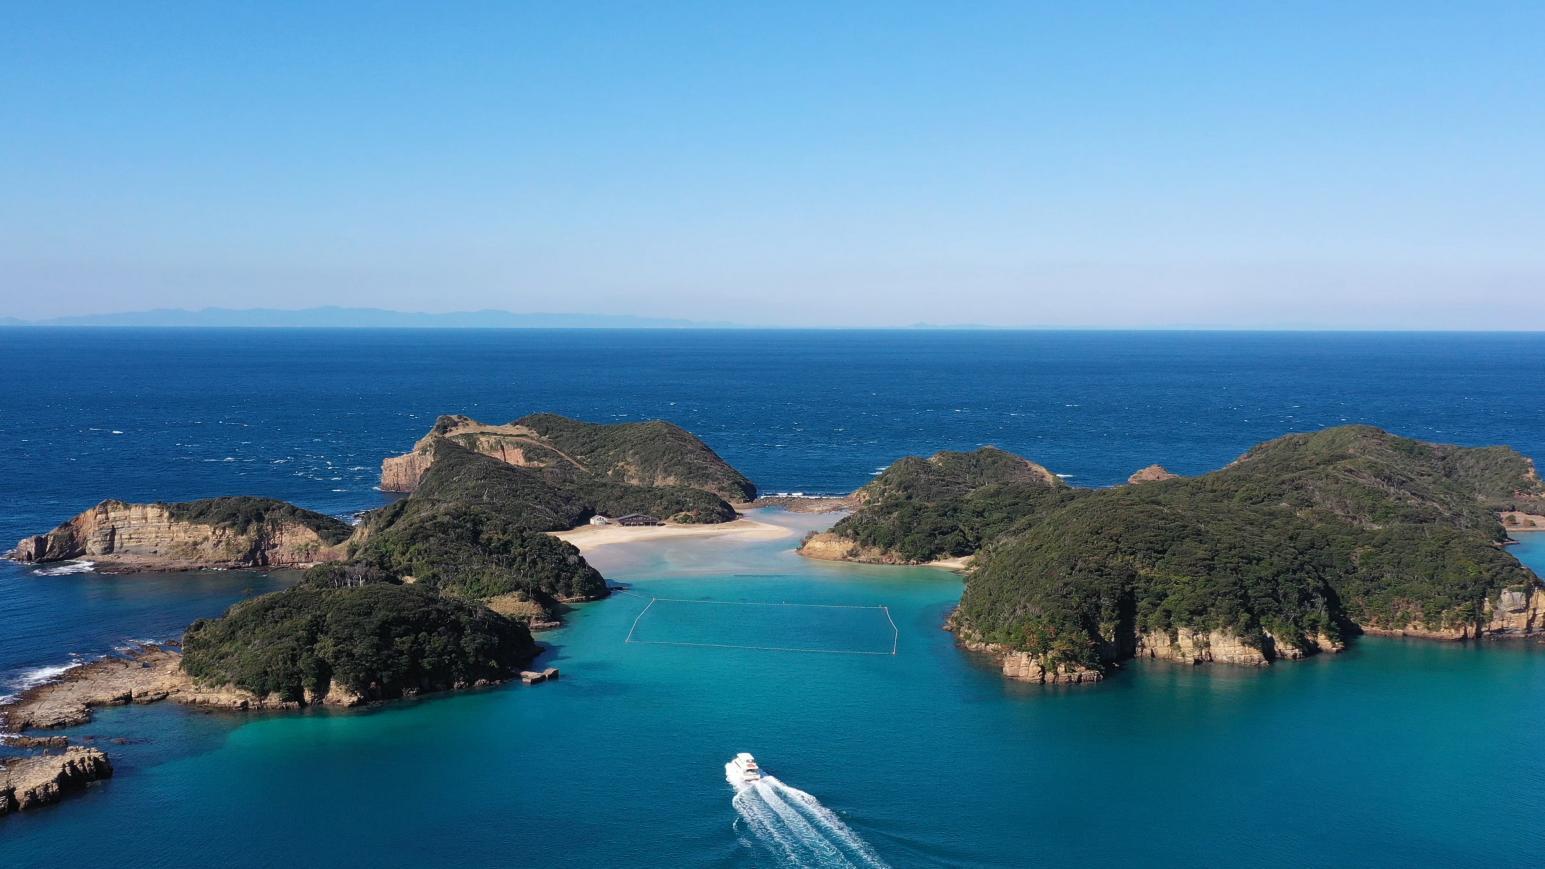 ゆるやかな時間がながれる絶景ビーチなら遠くの沖縄より、近くの壱岐島!?-0